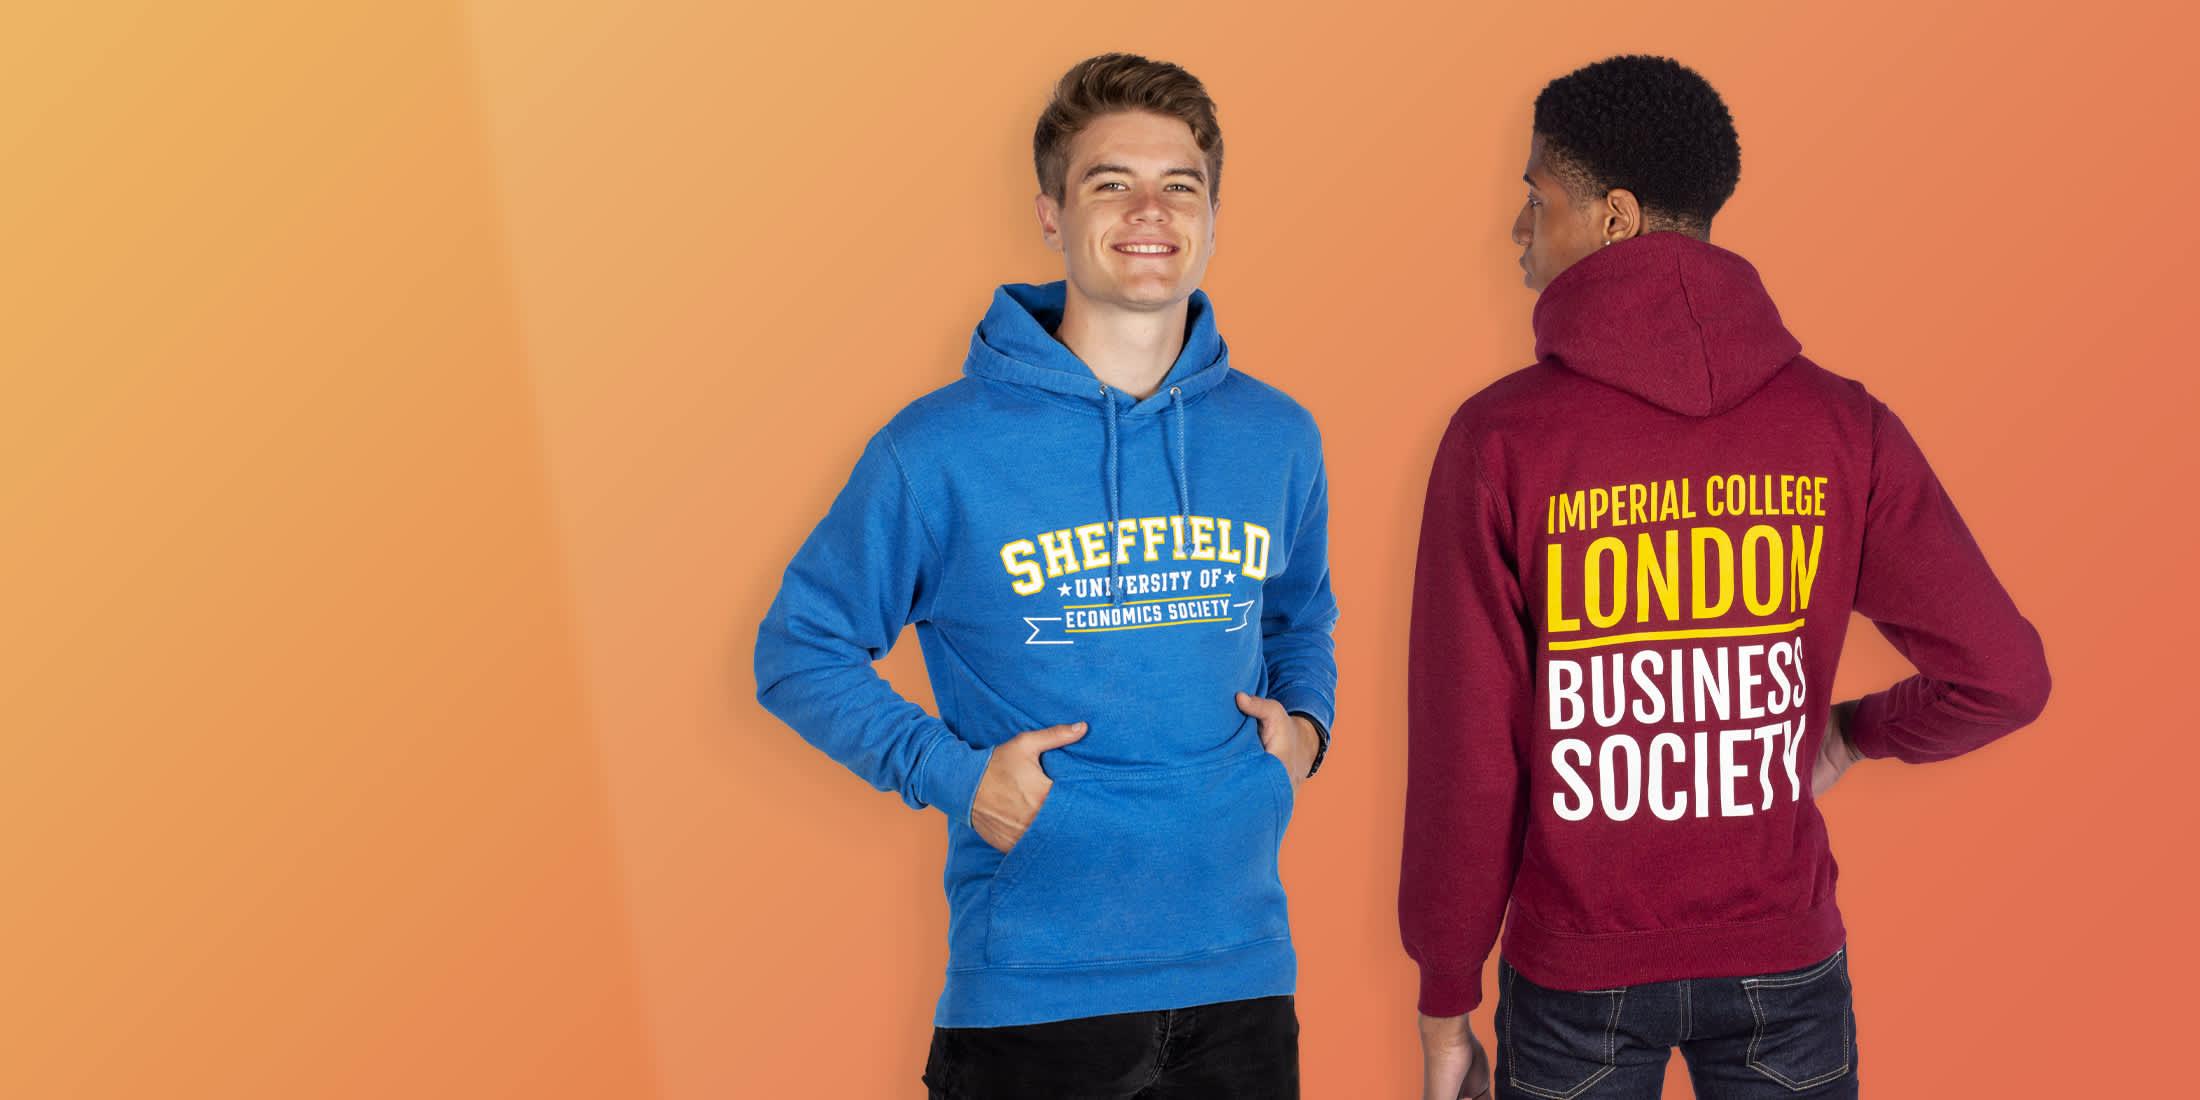 customise printed university hoodies